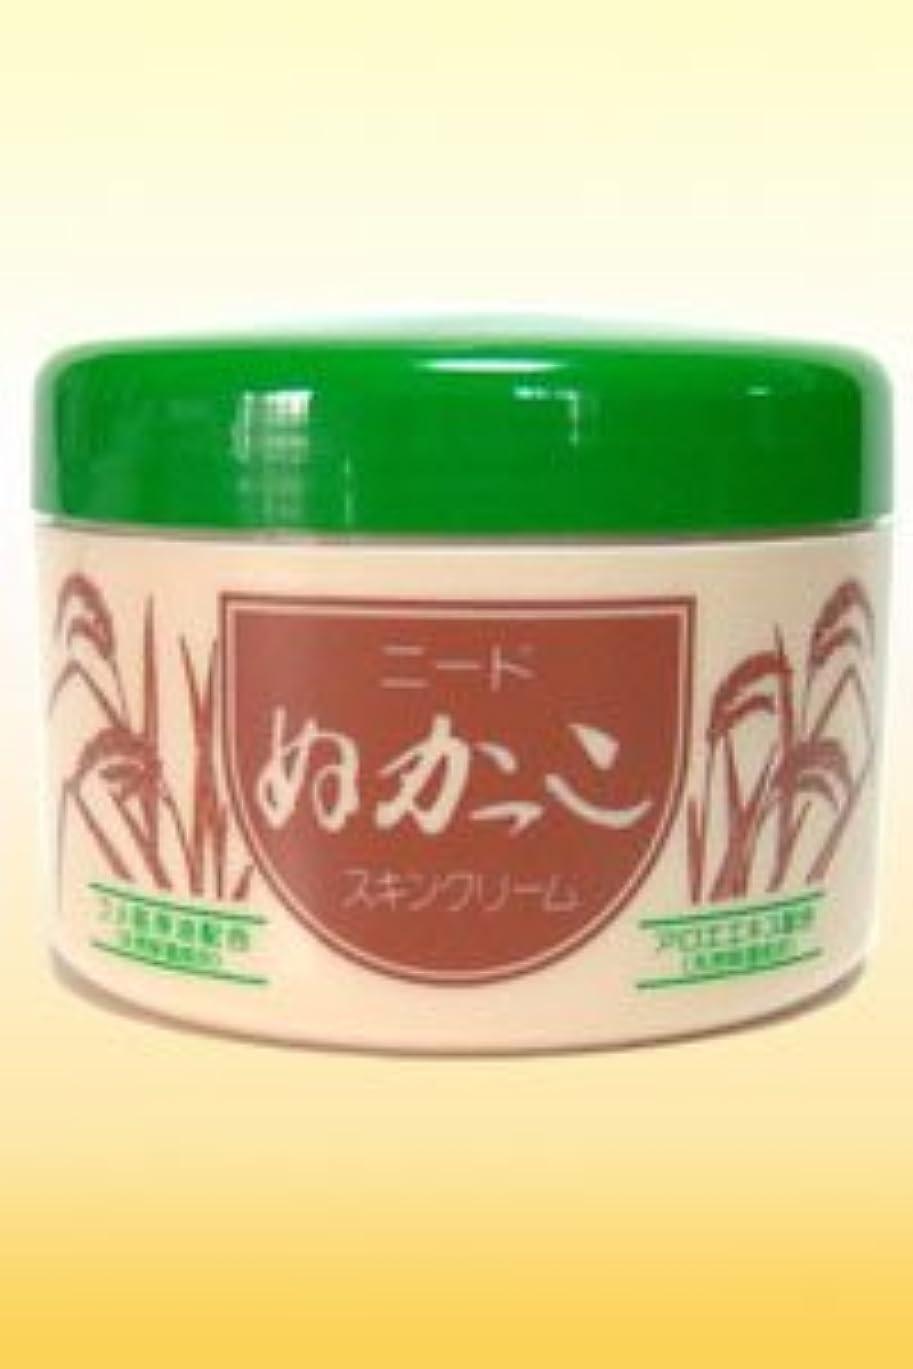 専門呼吸する署名【田中善】ニードヌカッコ スキンクリーム 162g